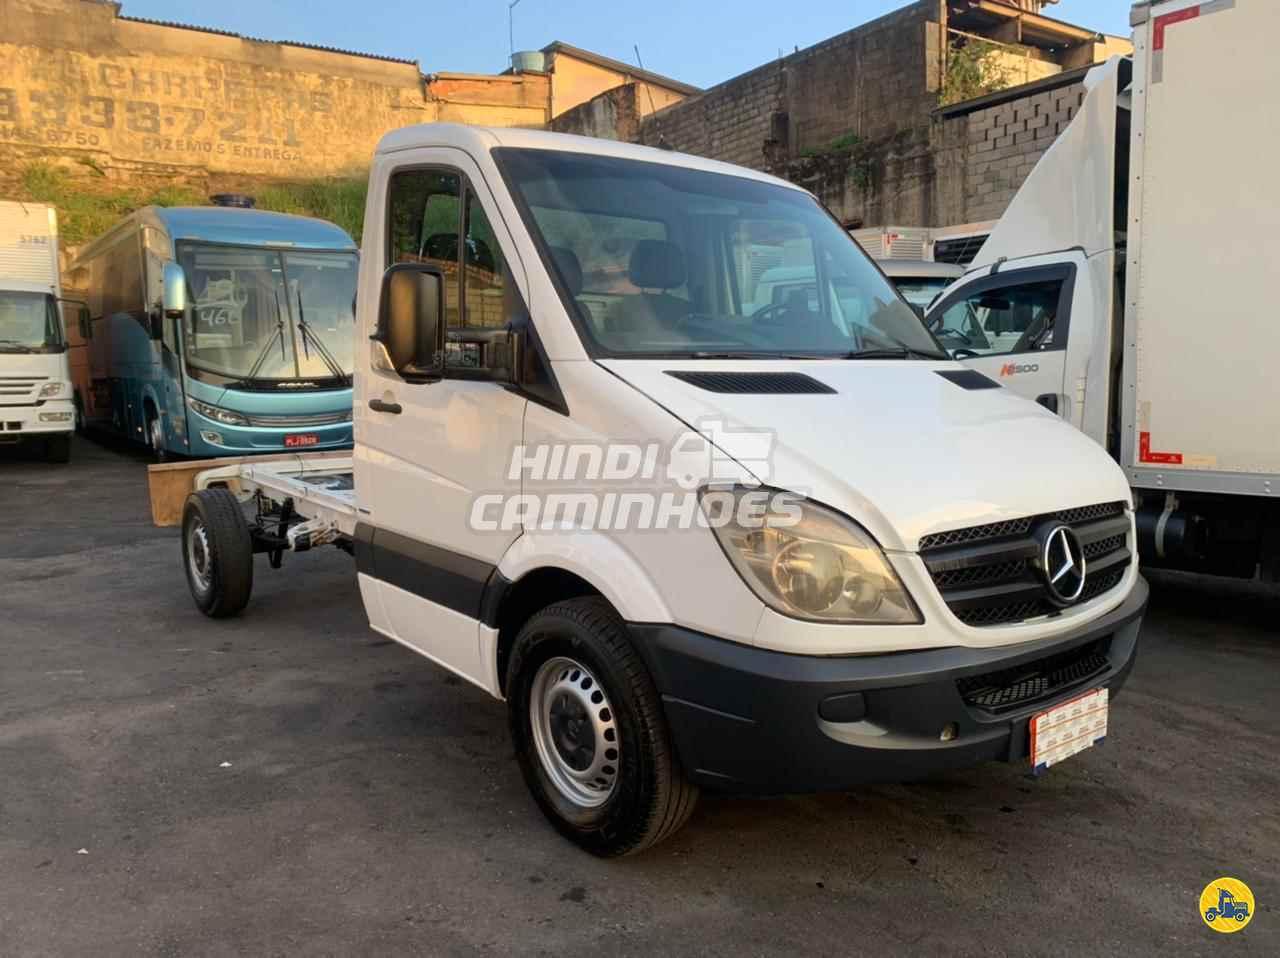 UTILITARIOS MERCEDES-BENZ Sprinter Chassi 311 Hindi Caminhões CONTAGEM MINAS GERAIS MG